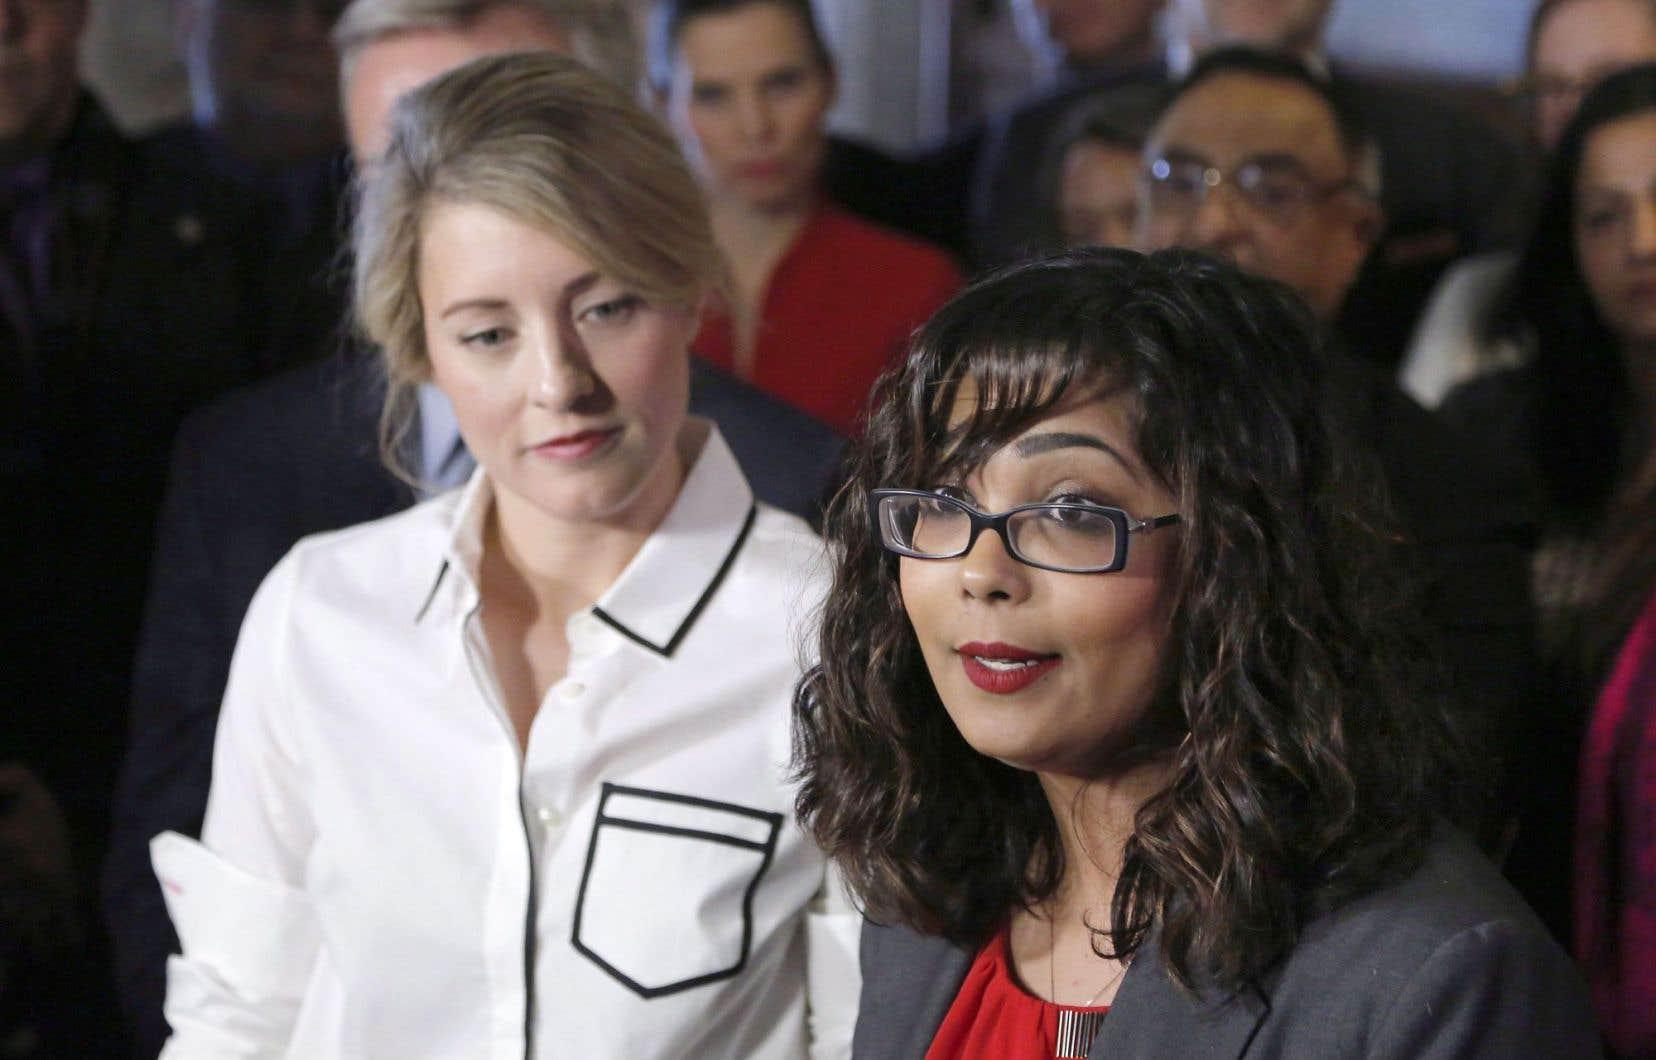 La ministre du Patrimoine, Mélanie Joly, et une soixantaine de ses collègues libéraux ont manifesté leur soutien à la députée Iqra Khalid, qui a déposé la motion contre l'islamophobie.